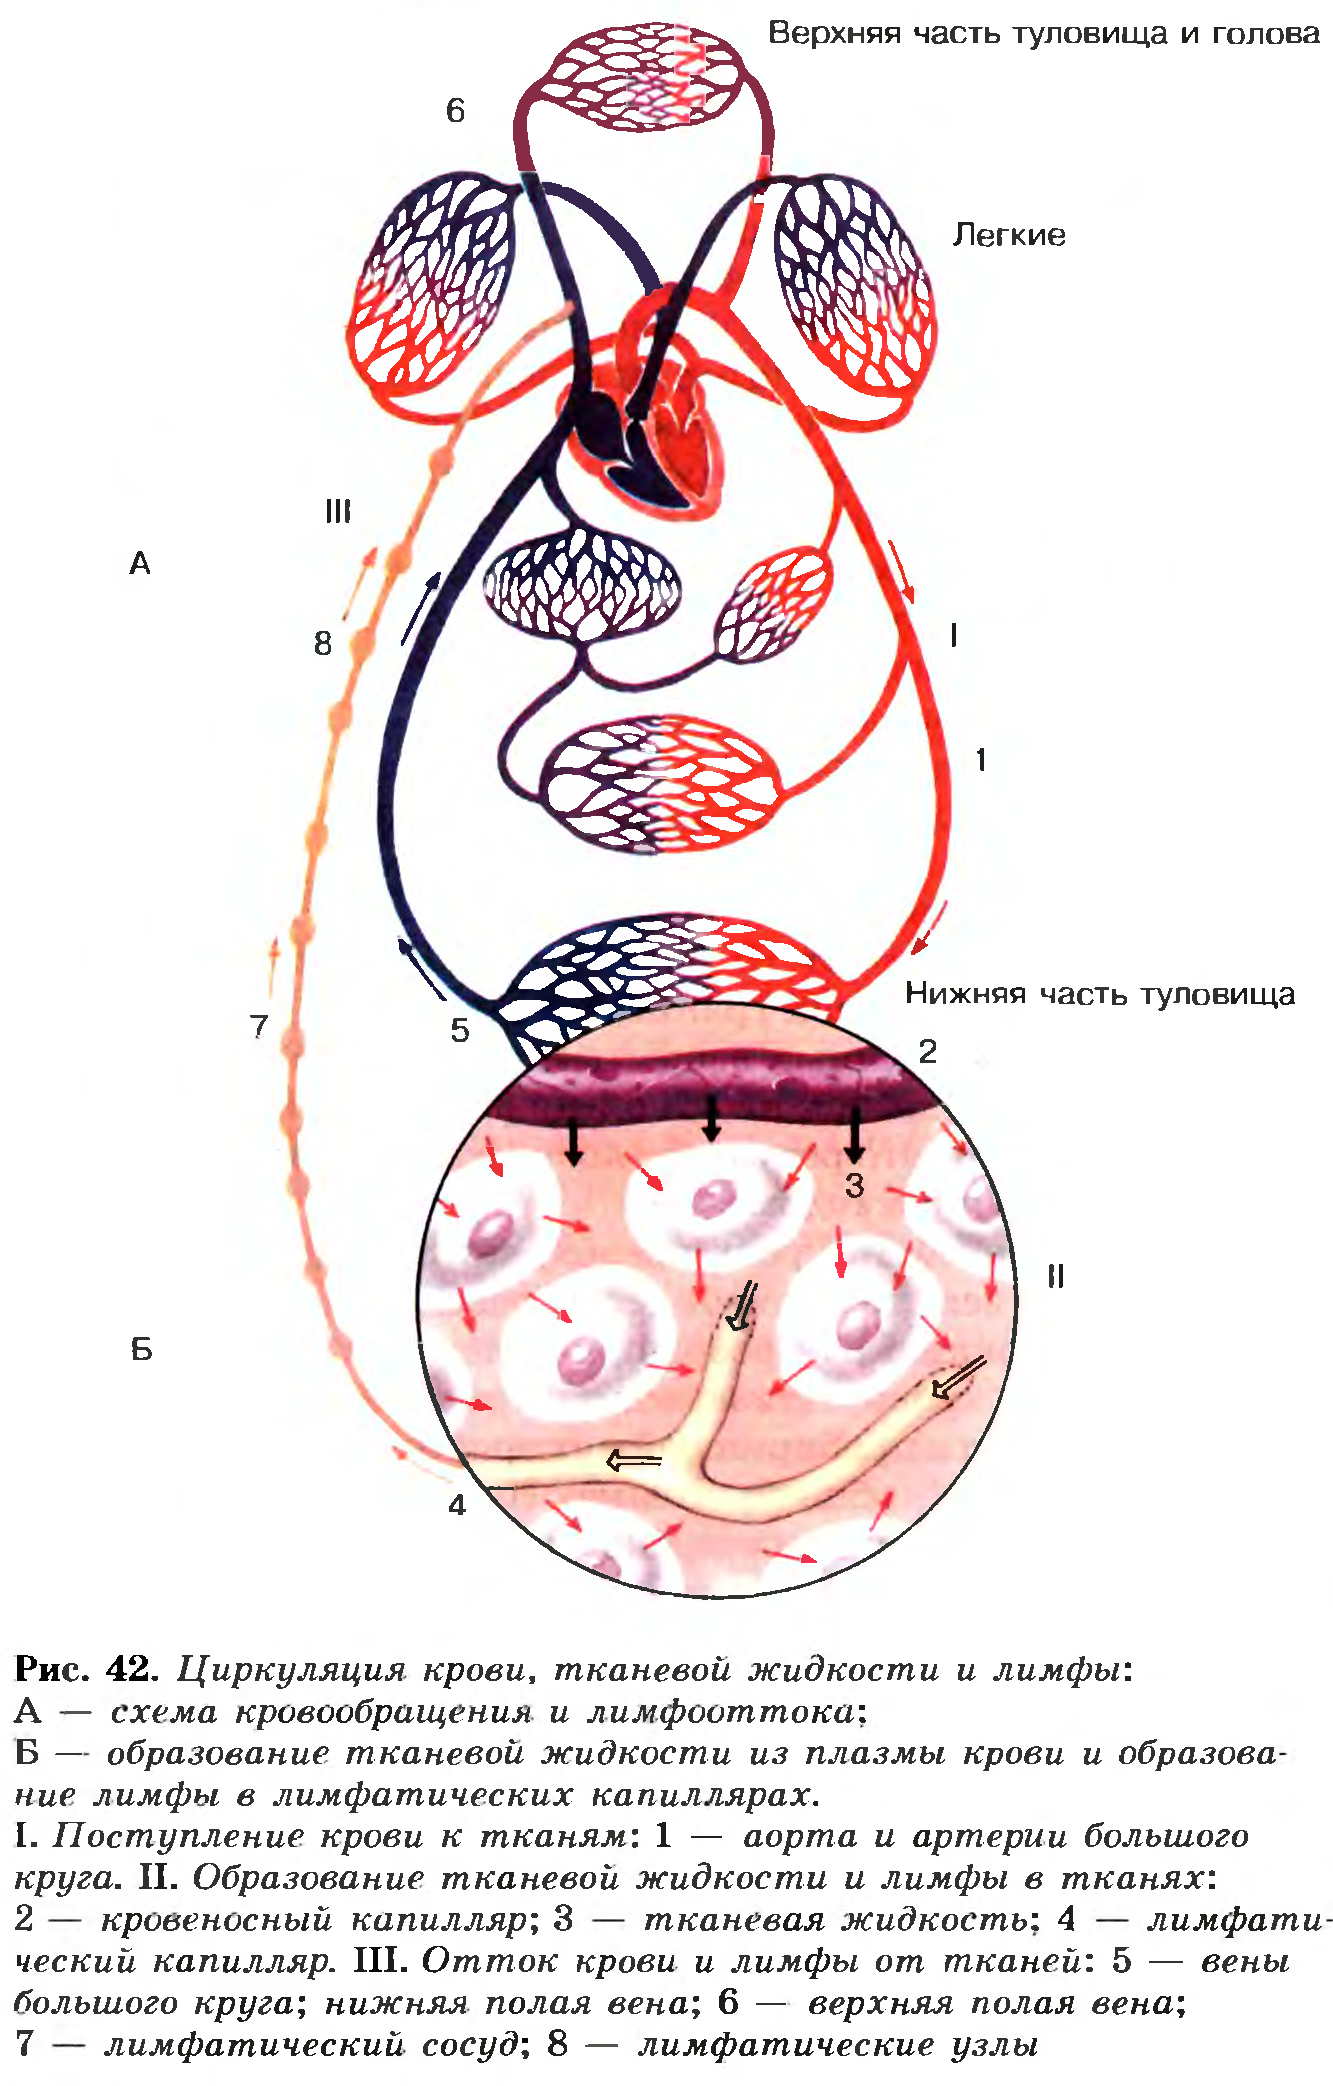 Схема циркуляции крови в организме